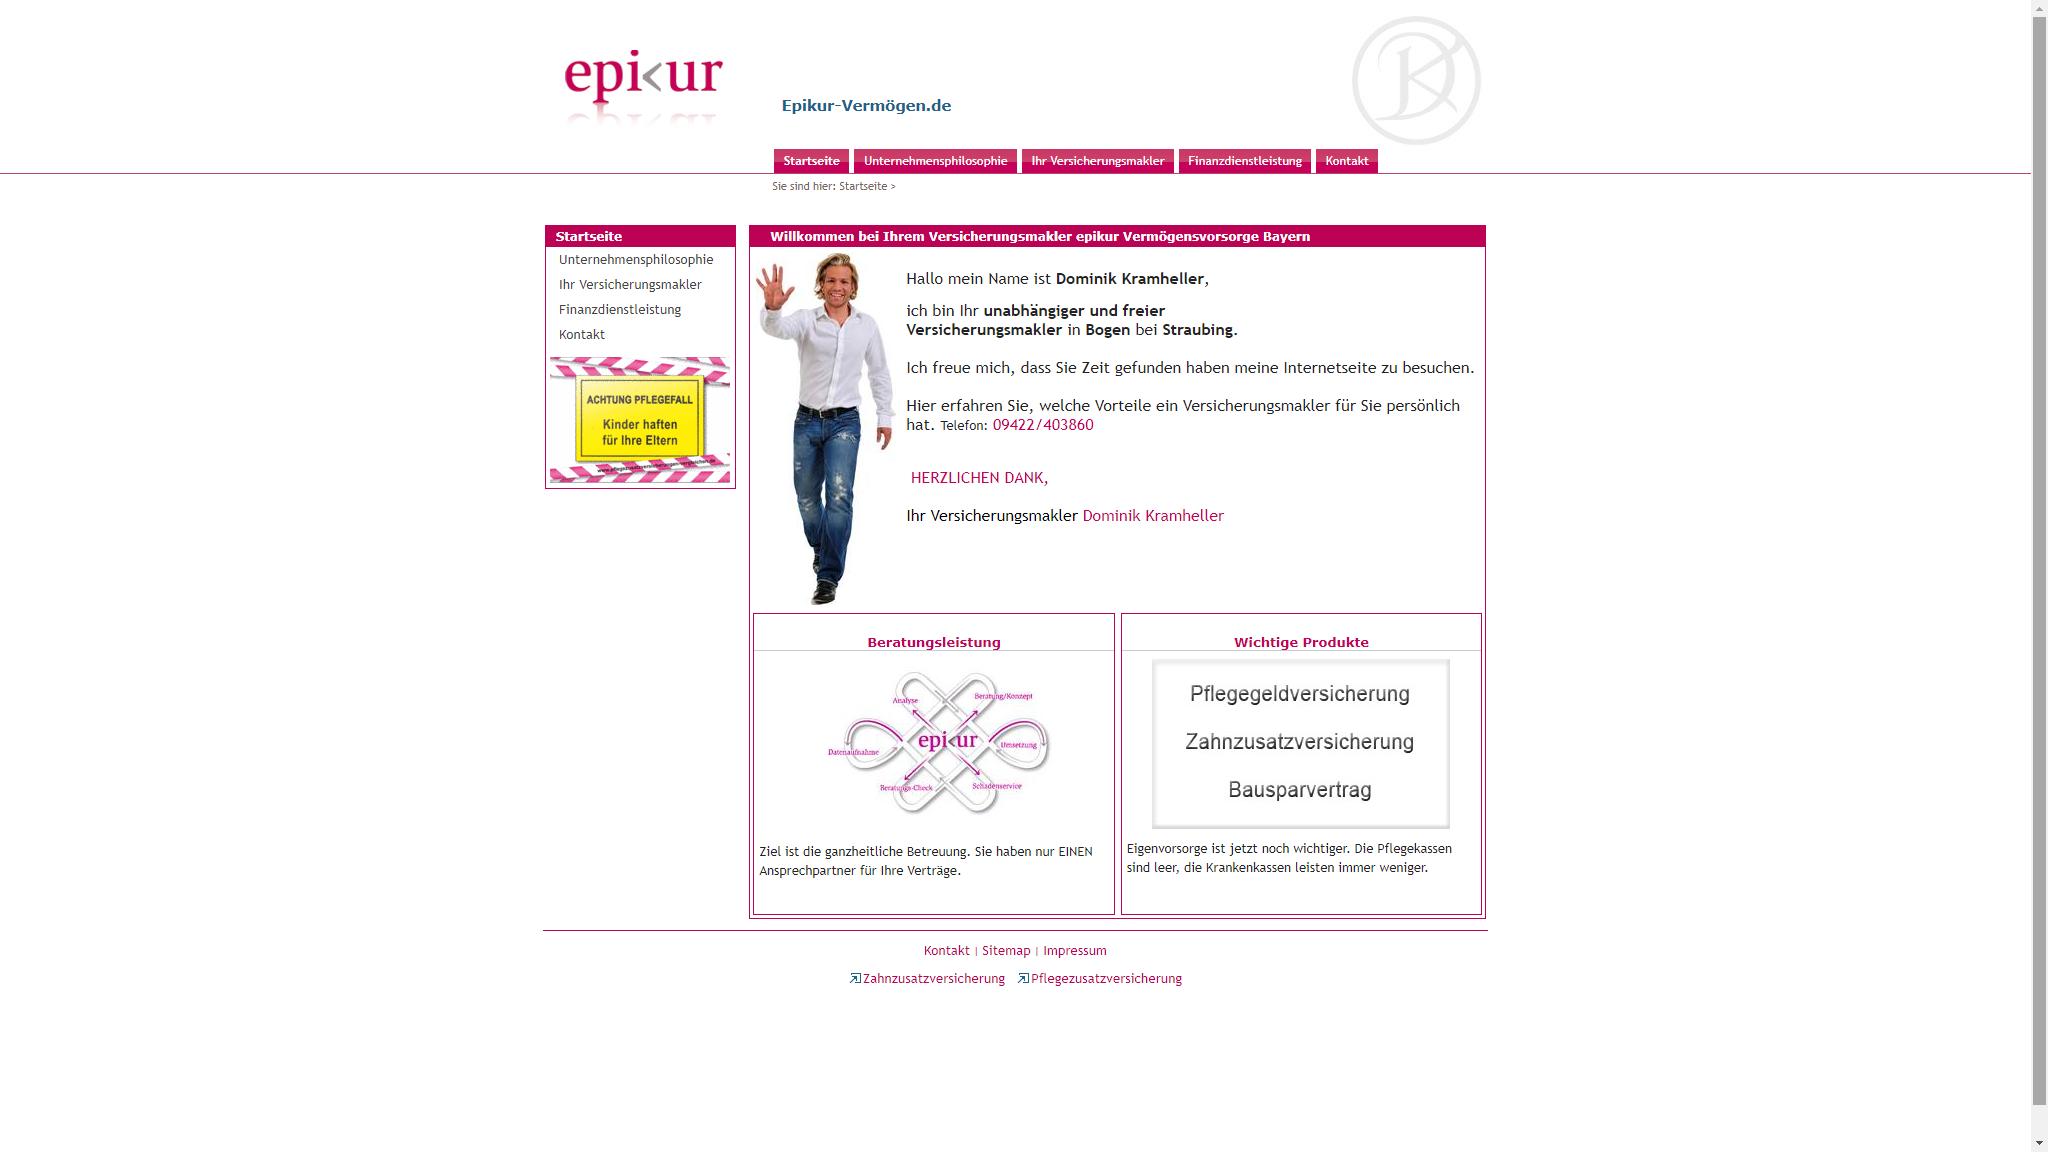 screenshot webseite www.epikur-vermoegen.de